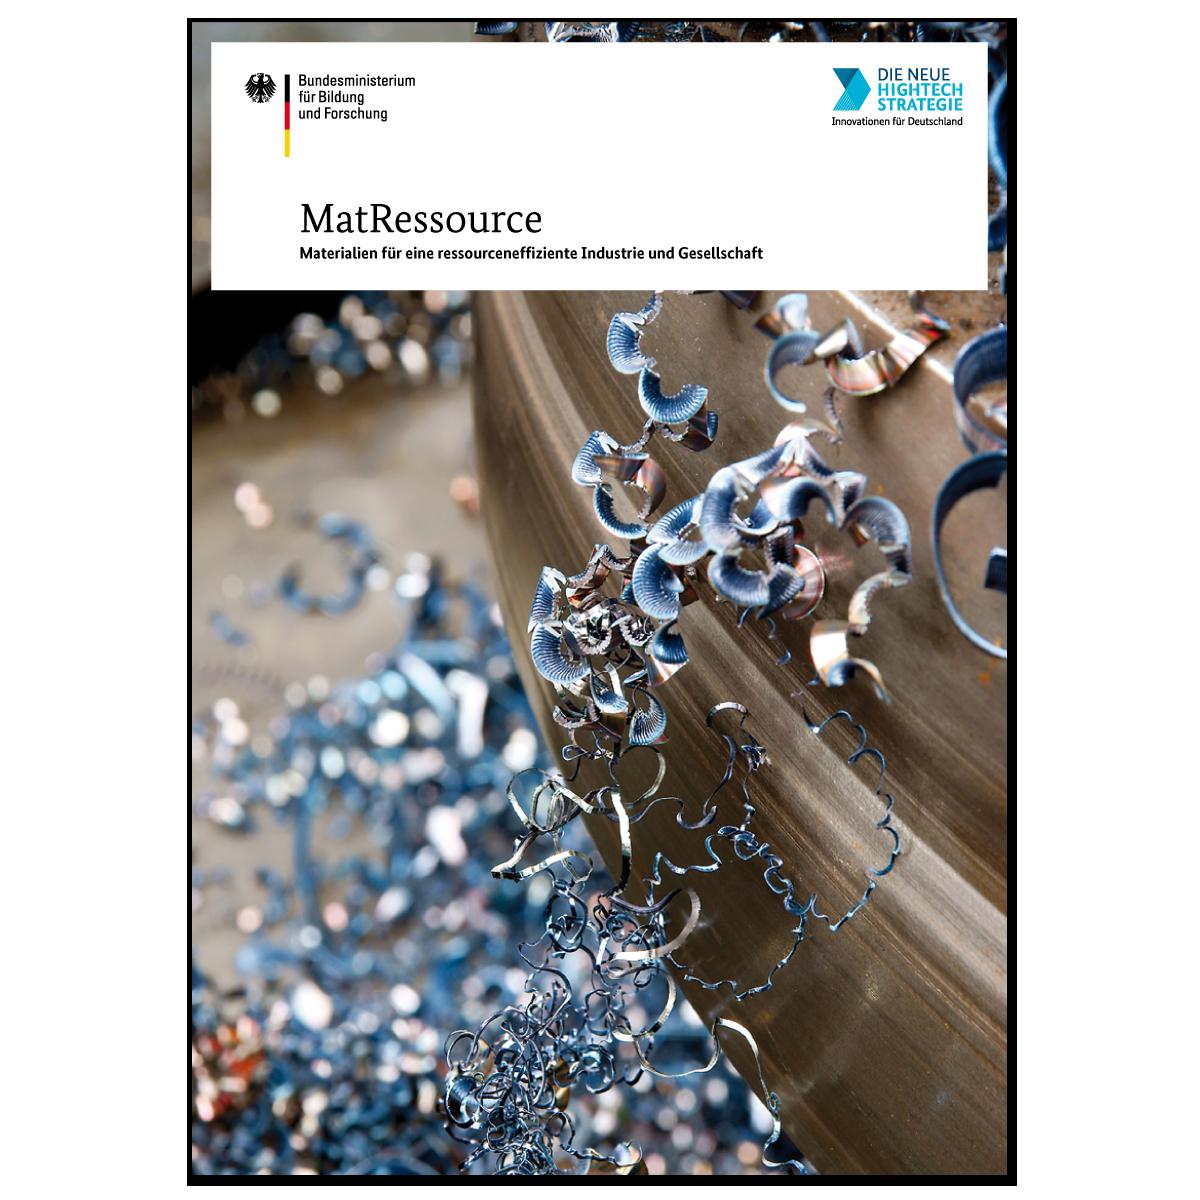 MatRessource - Materialien für eine ressourceneffiziente Industrie und Gesellschaft